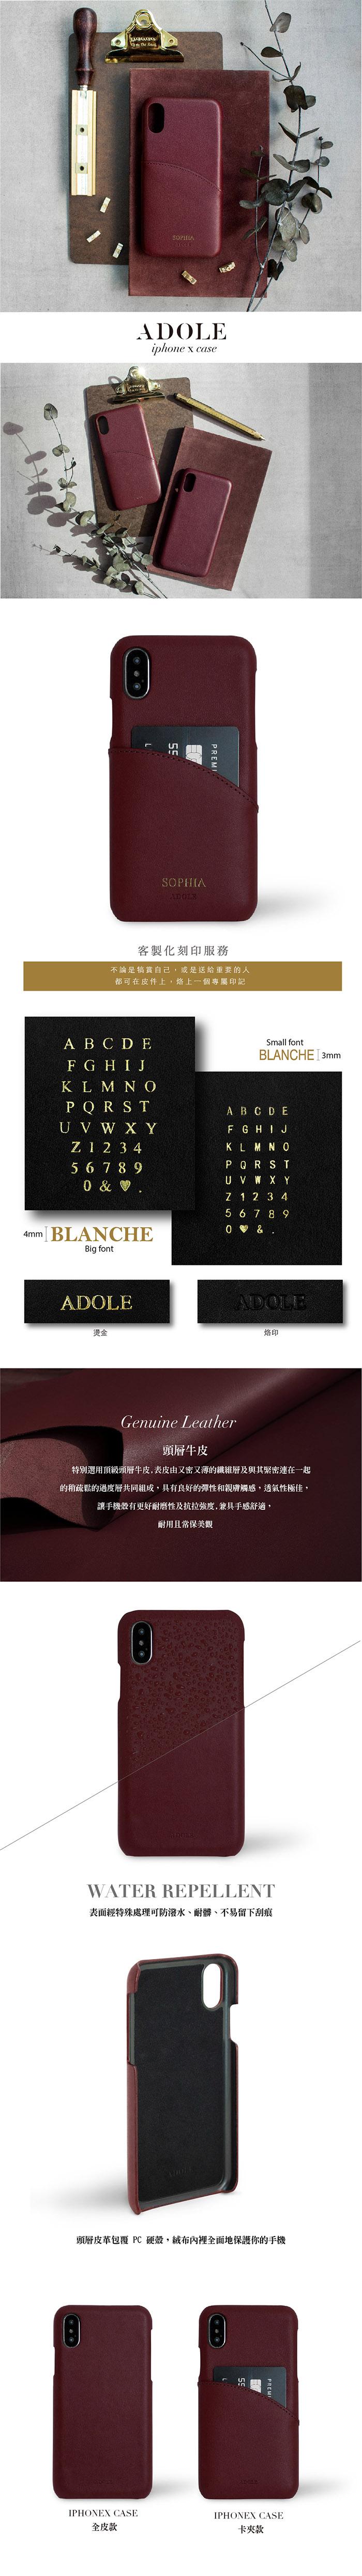 (複製)可刻字iPhone X 5.8吋真皮防潑水手機殼-黑